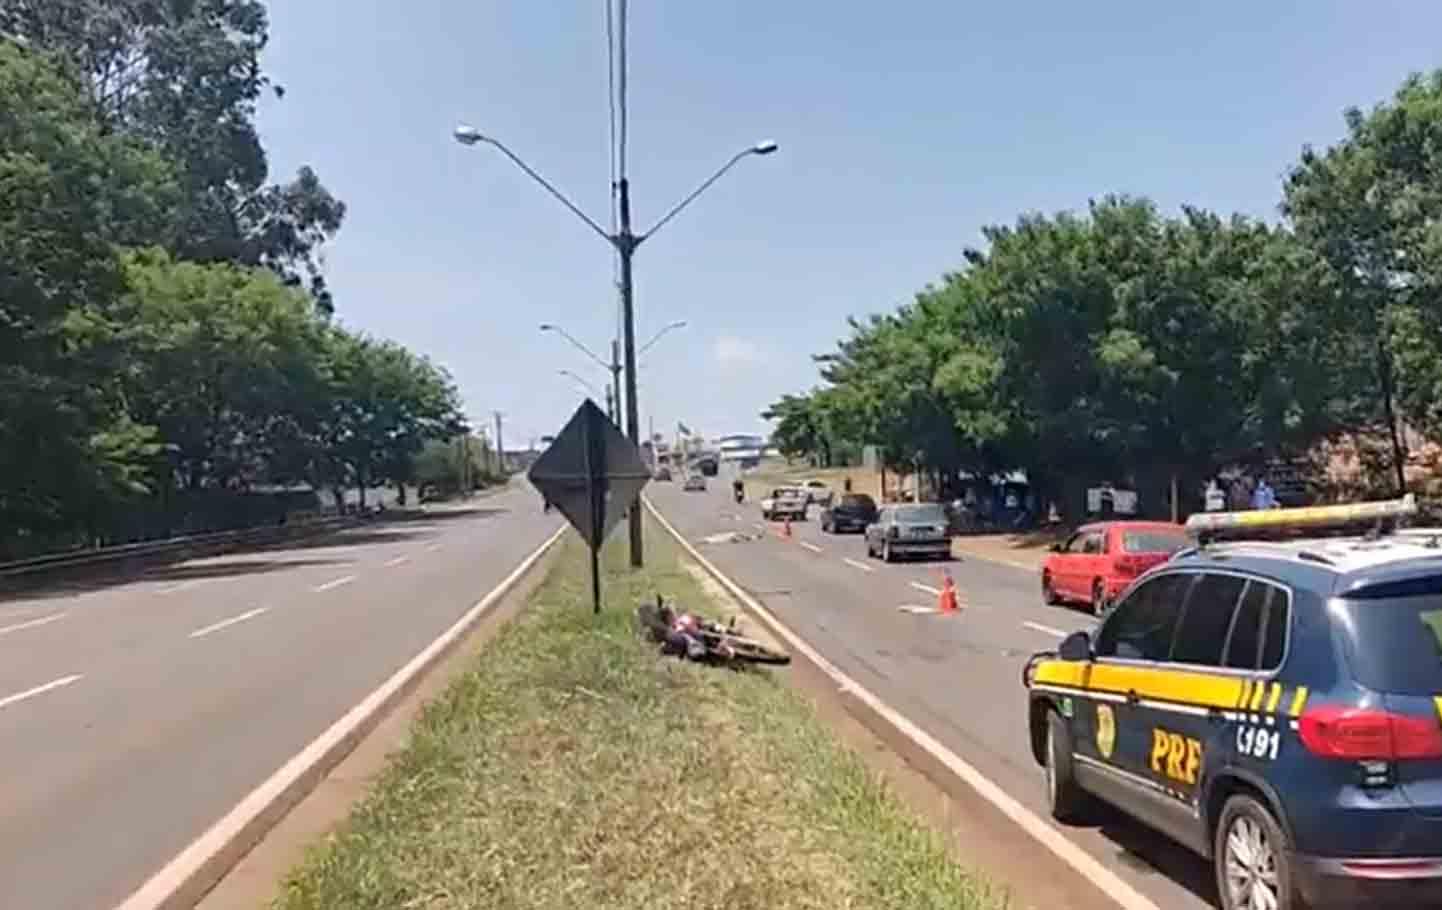 Motociclista morre ao perder controle, cair na pista e ser atropelado na BR-369. Foto: Reprodução Facebook